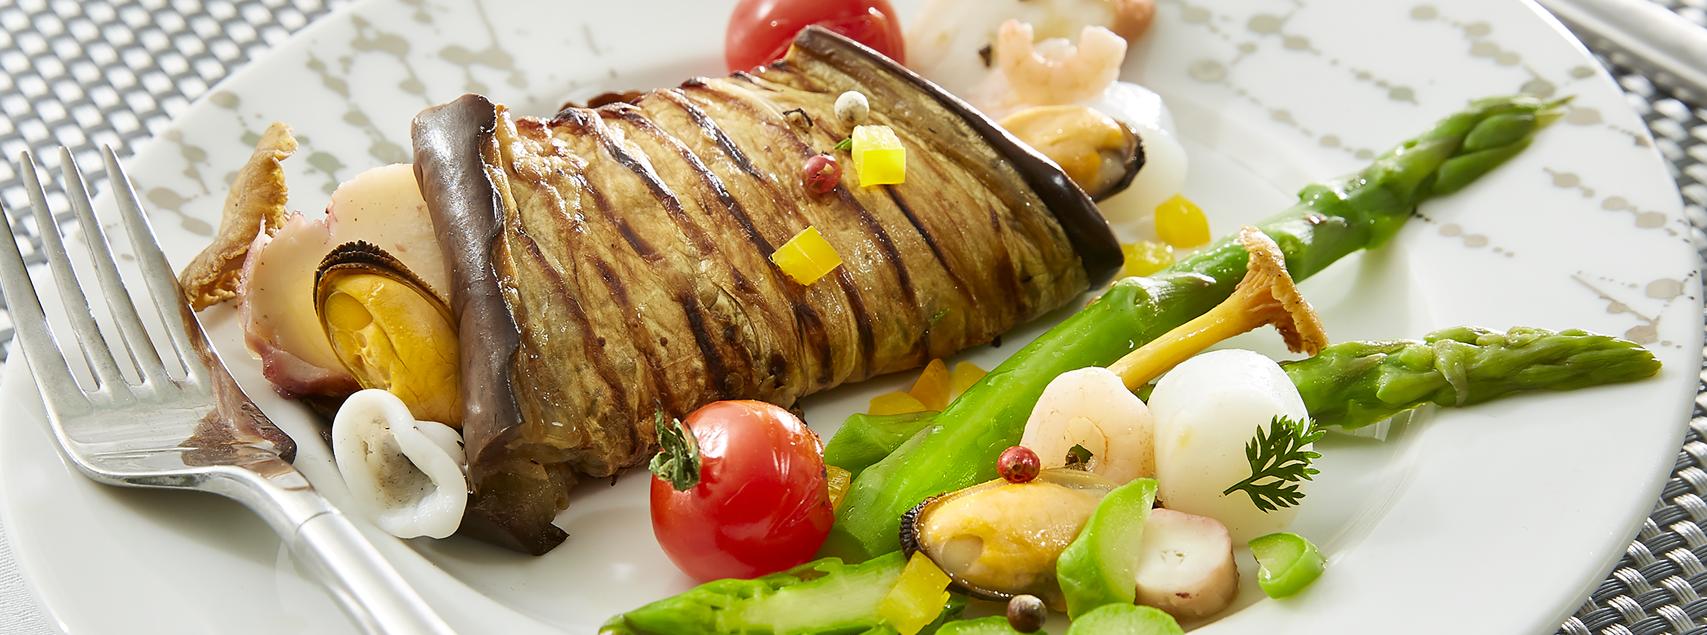 Roulé d'aubergines aux fruits de mer et petits légumes